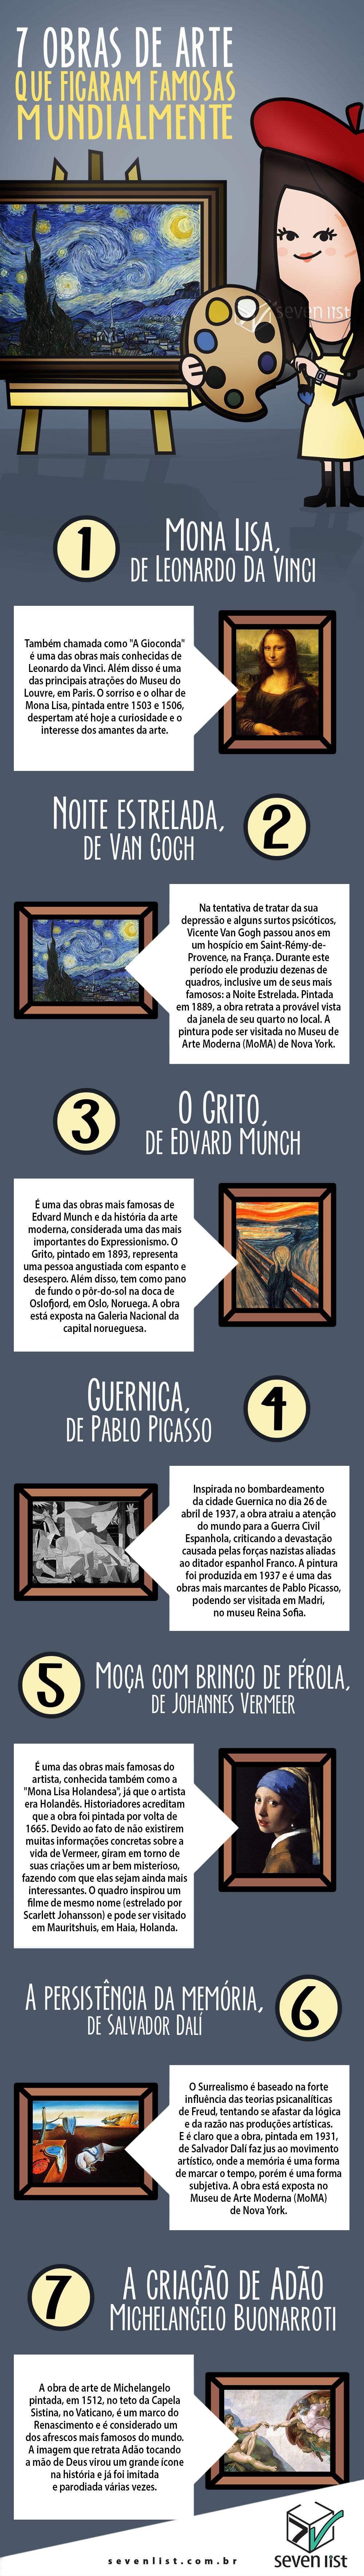 SEVEN LIST - 7 OBRAS DE ARTE QUE FICARAM FAMOSAS MUNDIALMENTE